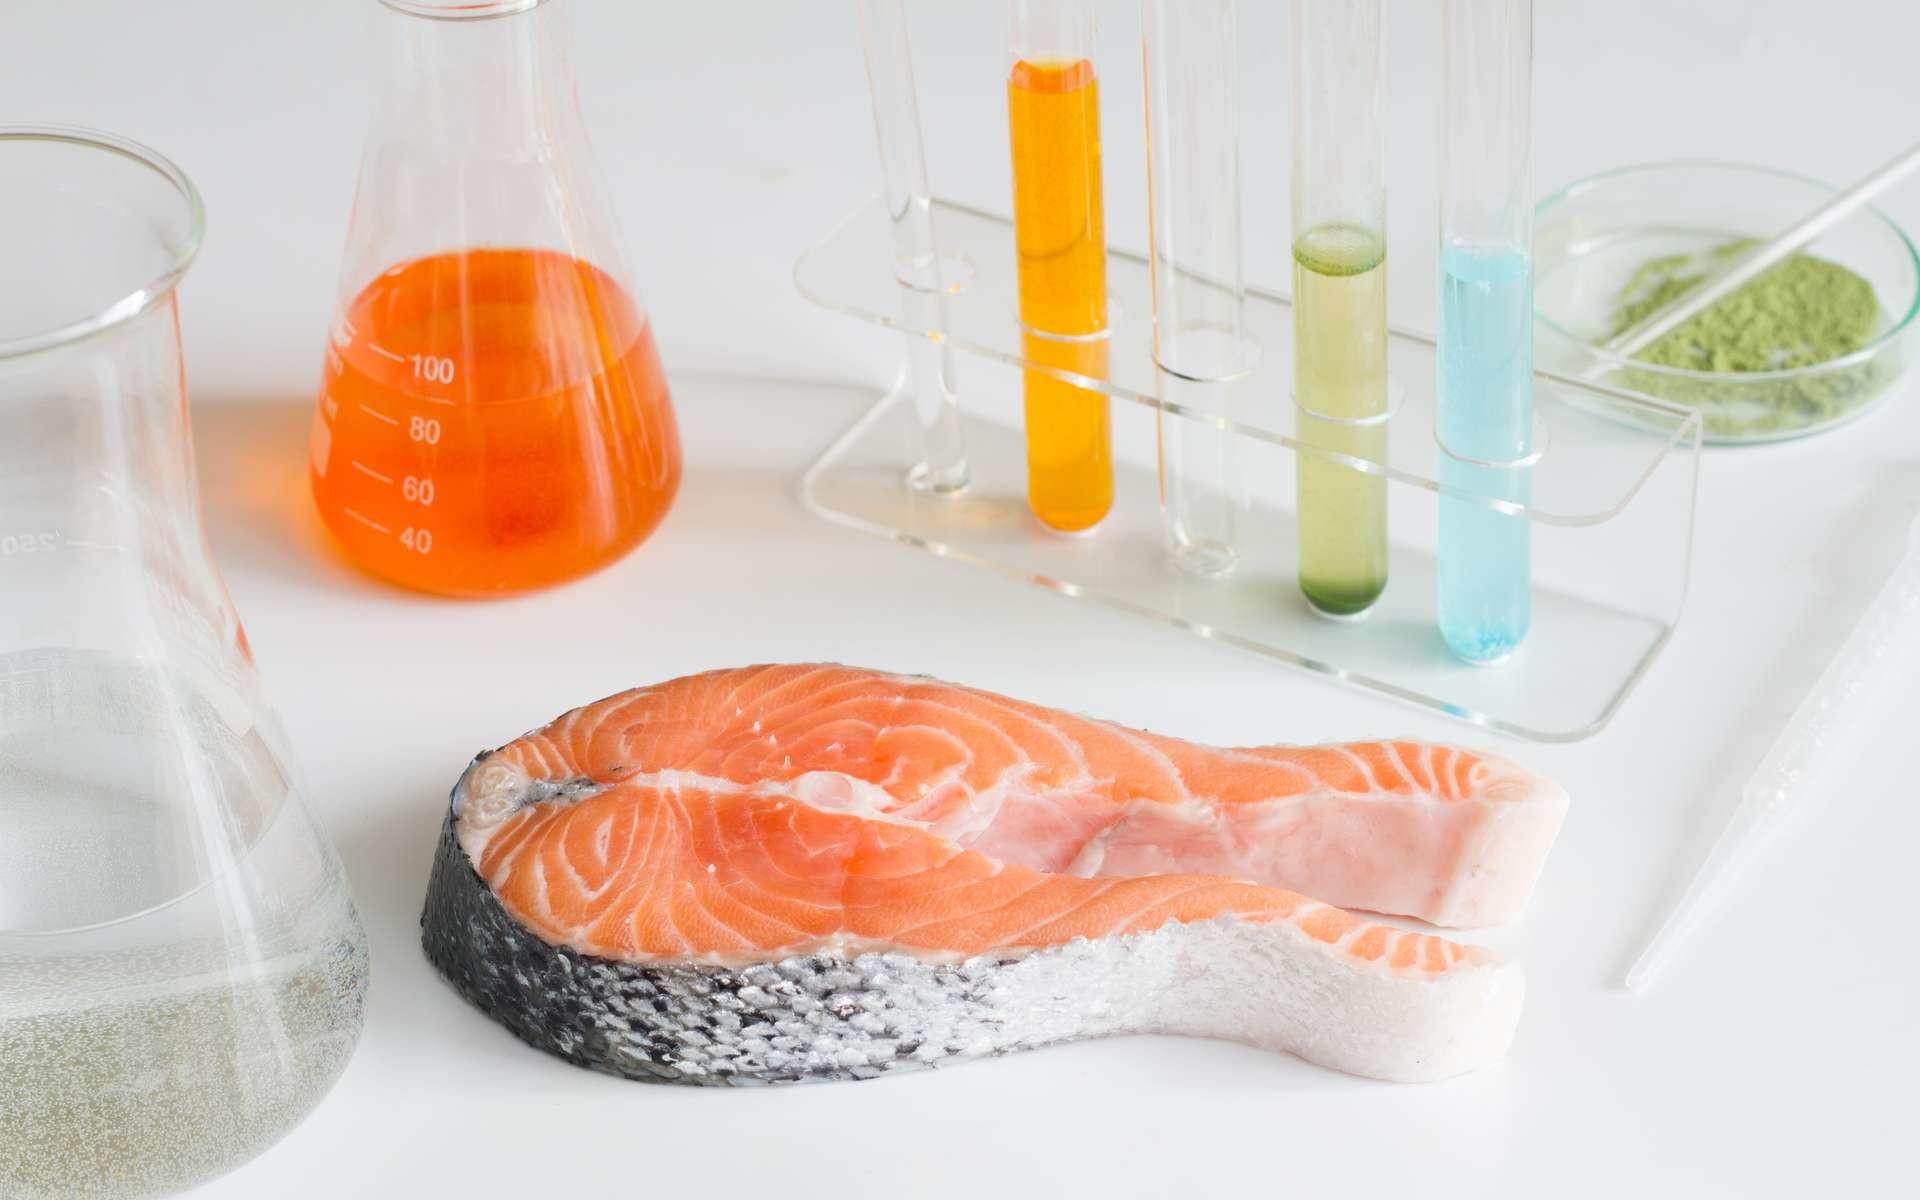 Когда требуется химический анализ продуктов питания фото